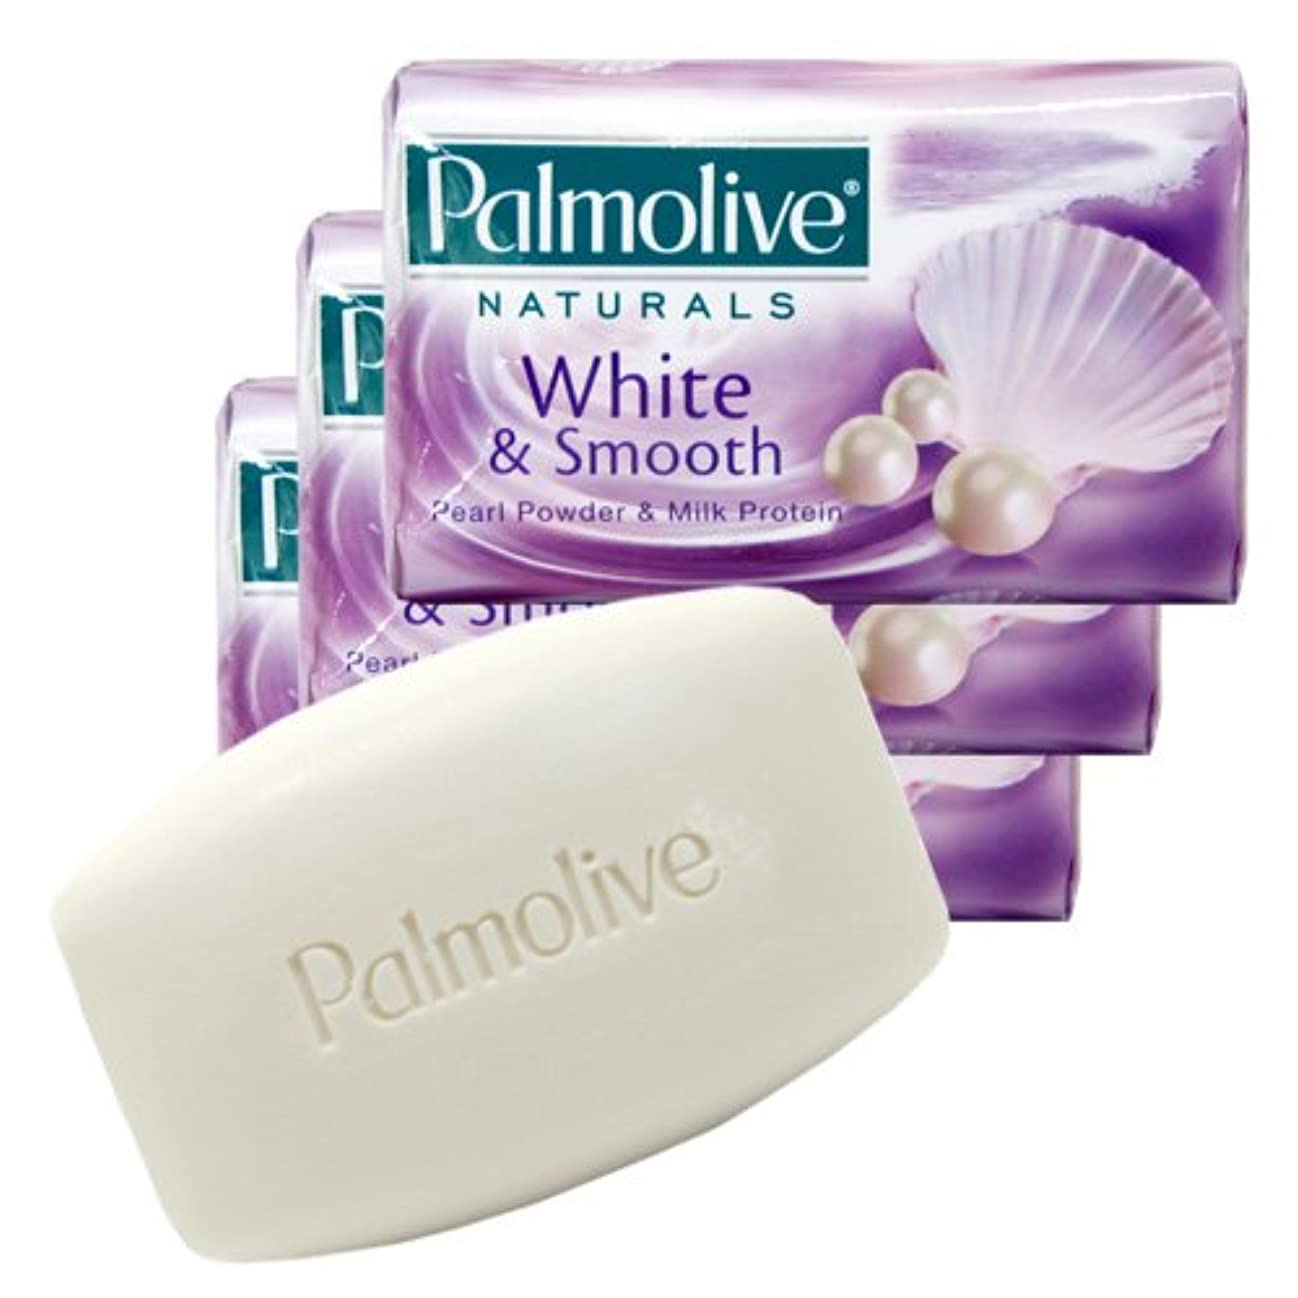 マスク百メッシュ【Palmolive】パルモリーブ ナチュラルズ石鹸3個パック ホワイト&スムース(パールパウダー&ミルクプロテイン)80g×3